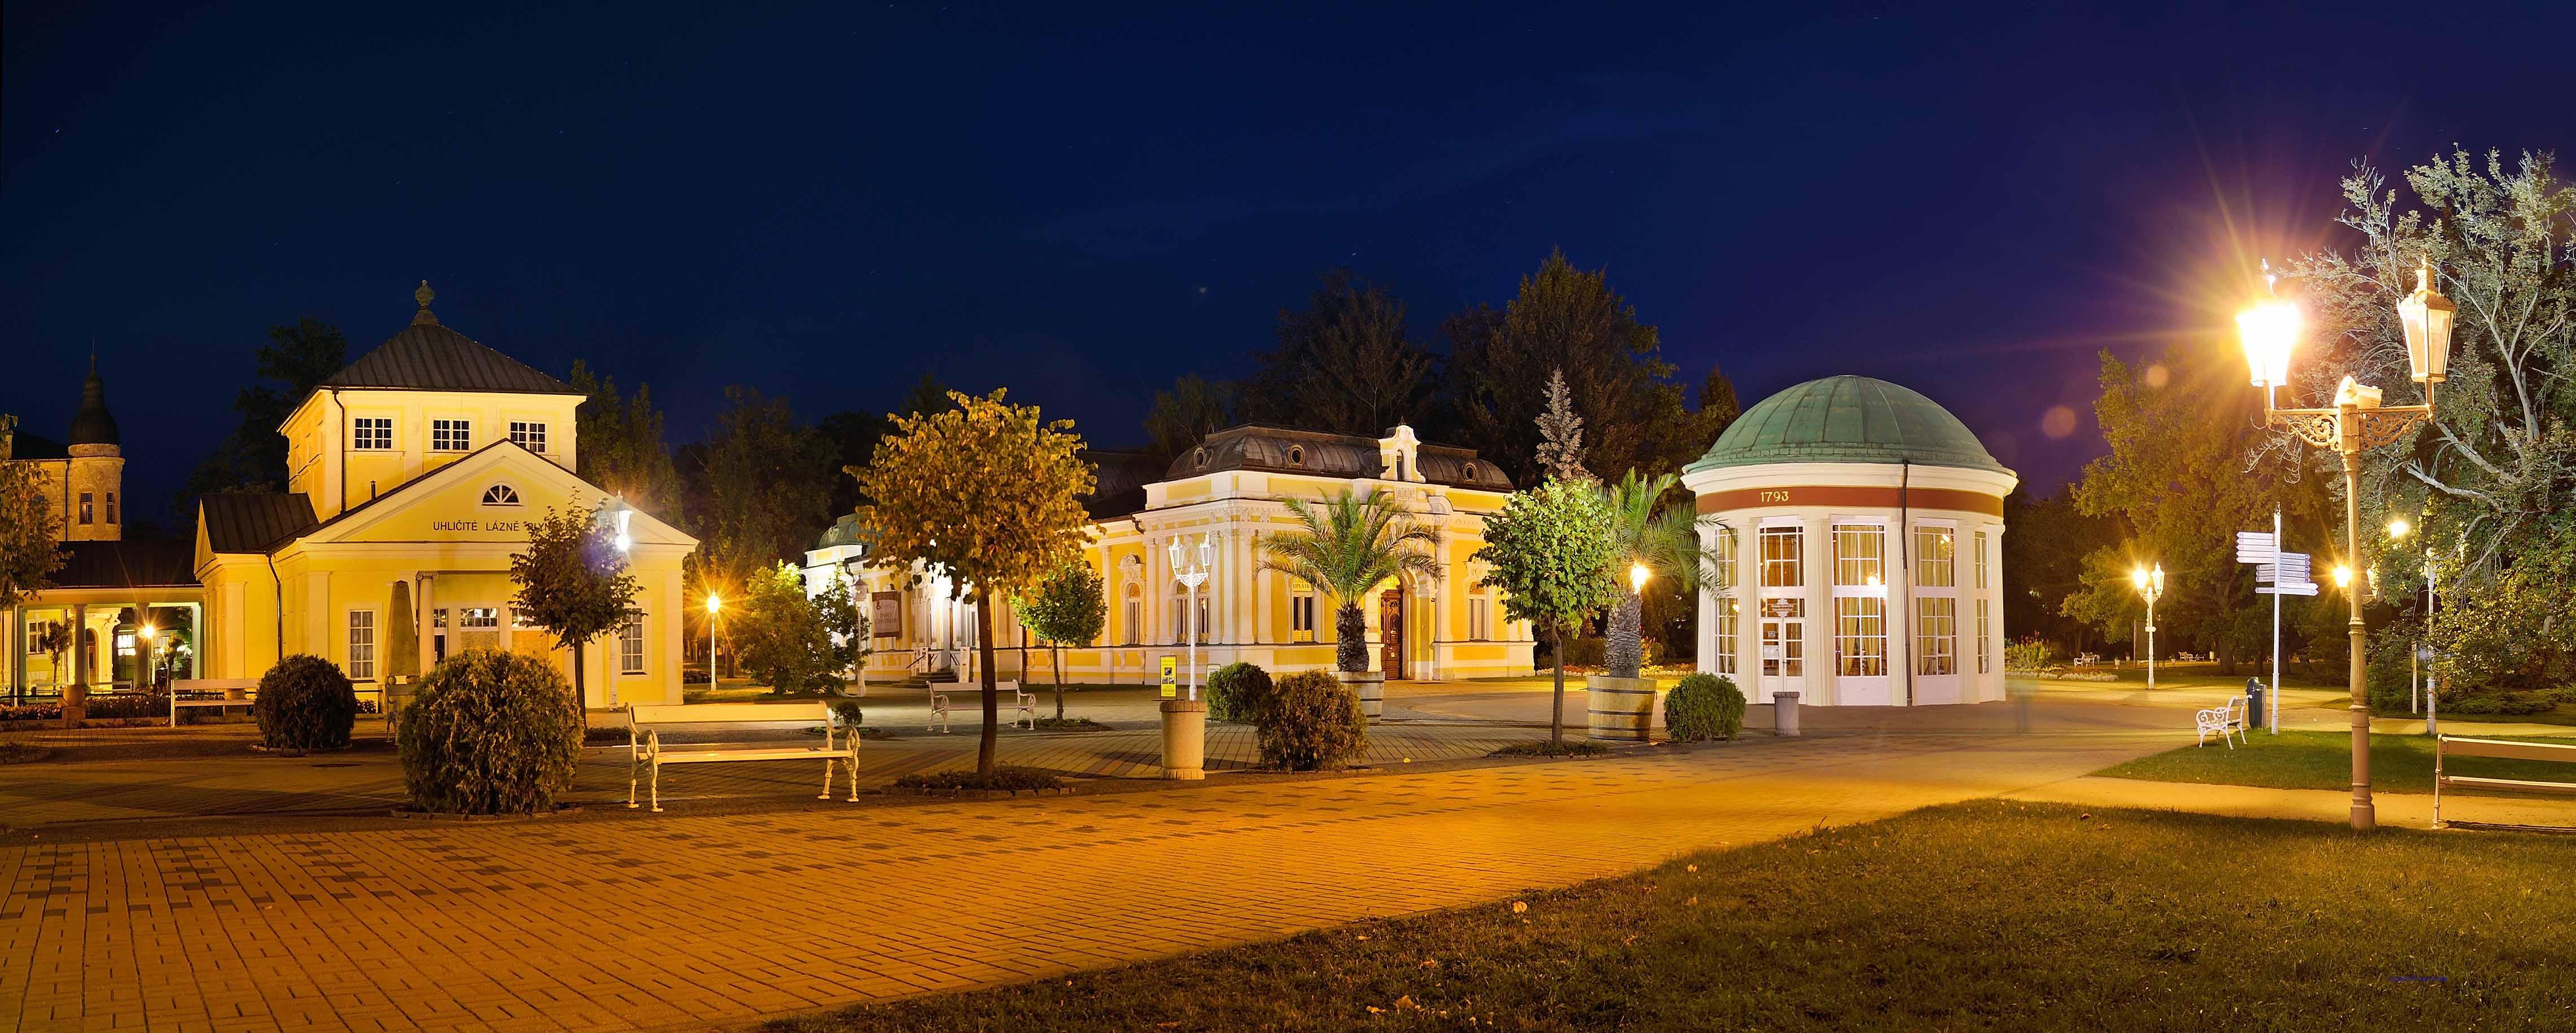 Franzensbad bei Nacht, LadislavRenner (czechtourism)